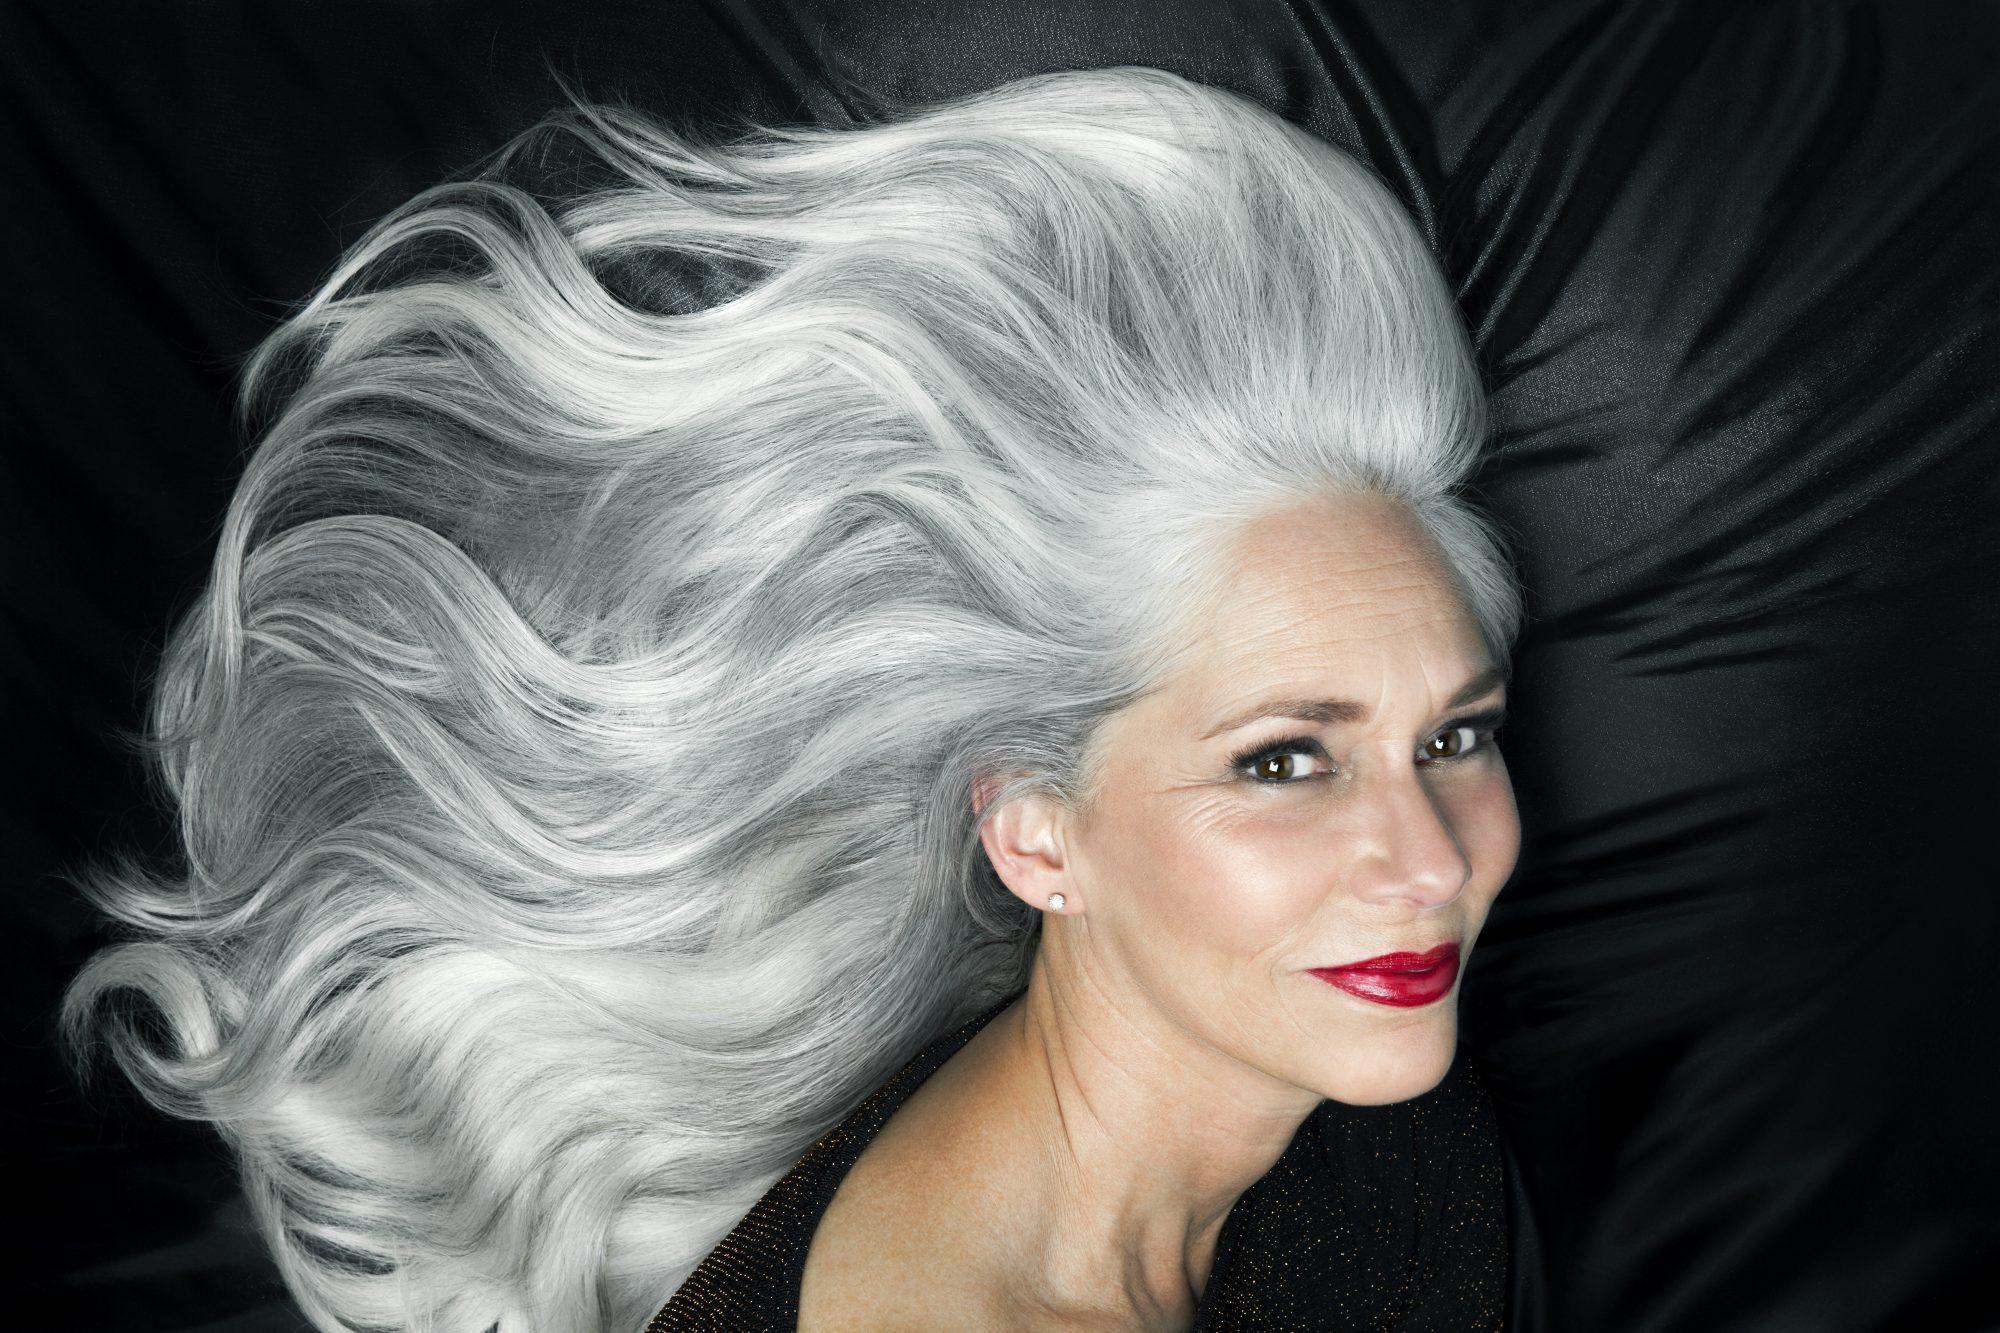 Cabello canas productos pelo blanco y gris